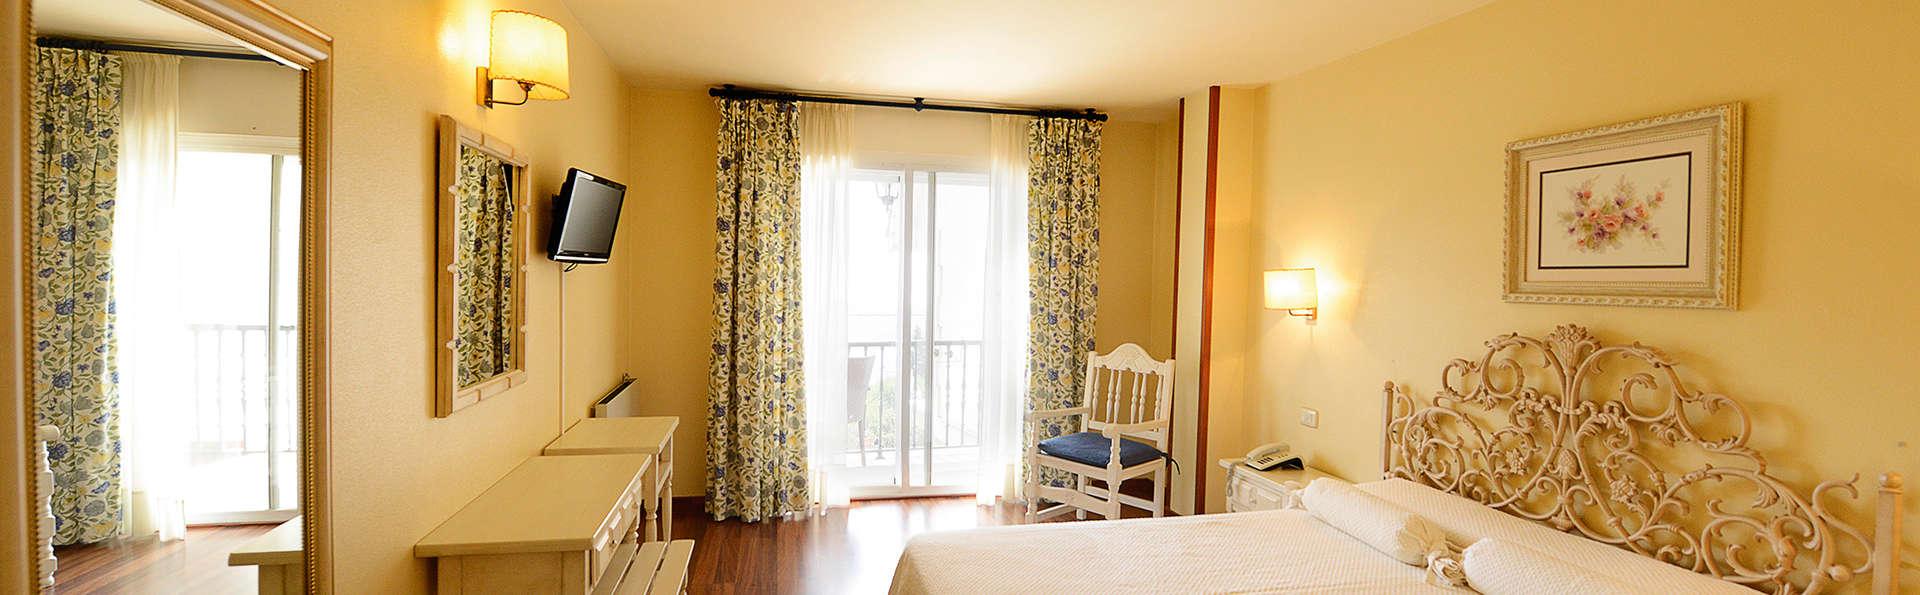 Hotel Villa Covelo - EDIT_room1.jpg